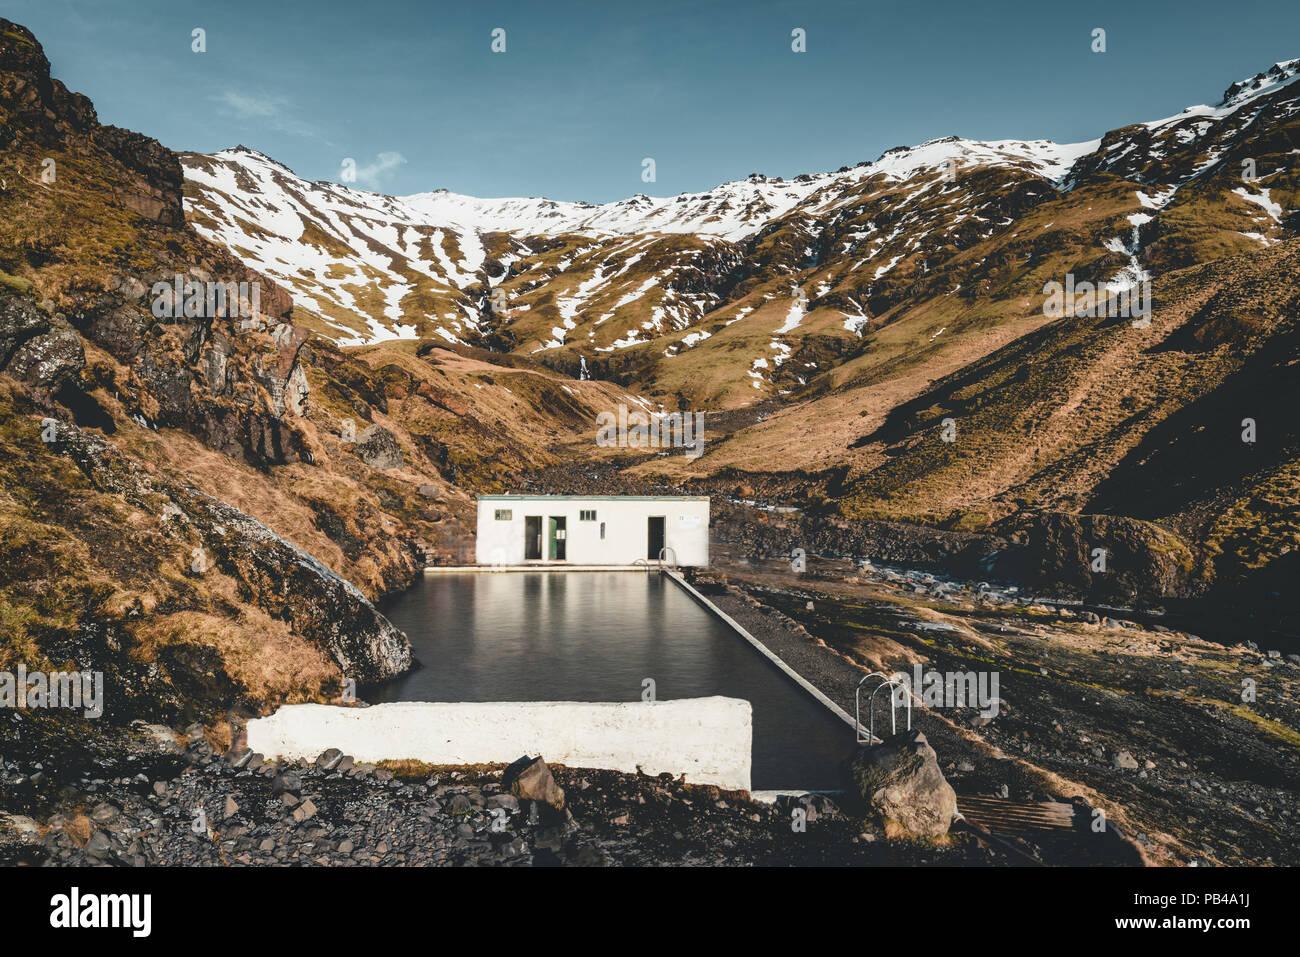 Natürlichen Swimmingpool Seljavallalaug in Island mit Mann in Wasser und Schnee und die Berge rundum. Sonnenschein und blauer Himmel. Stockbild